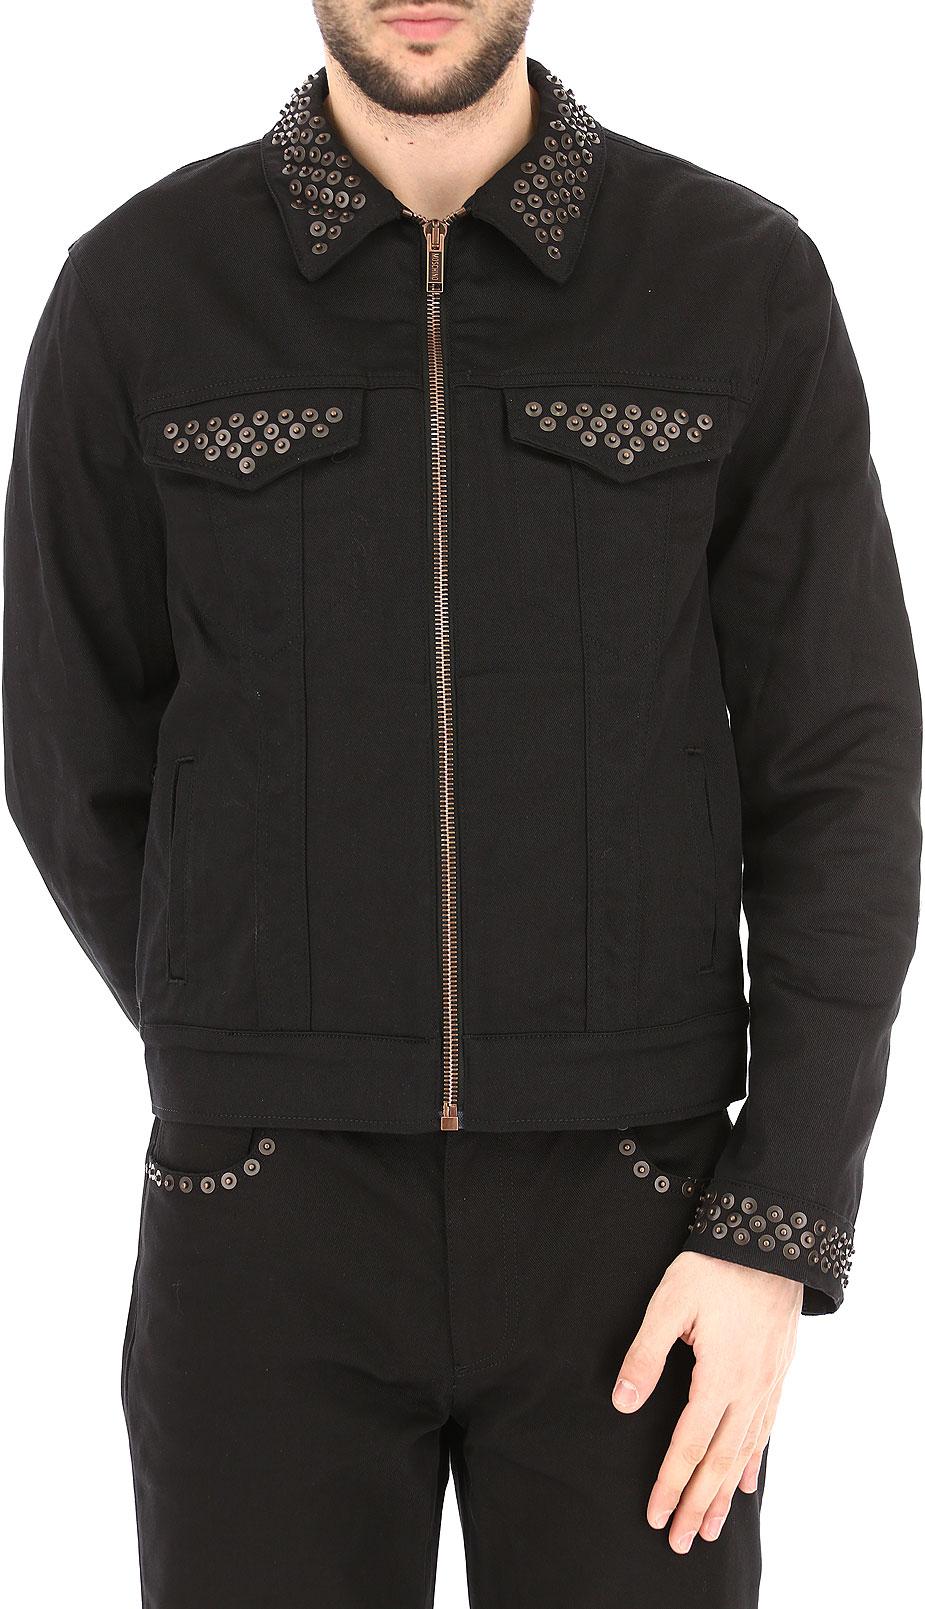 Abbigliamento Uomo Moschino, Codice Articolo: za0611-0219-